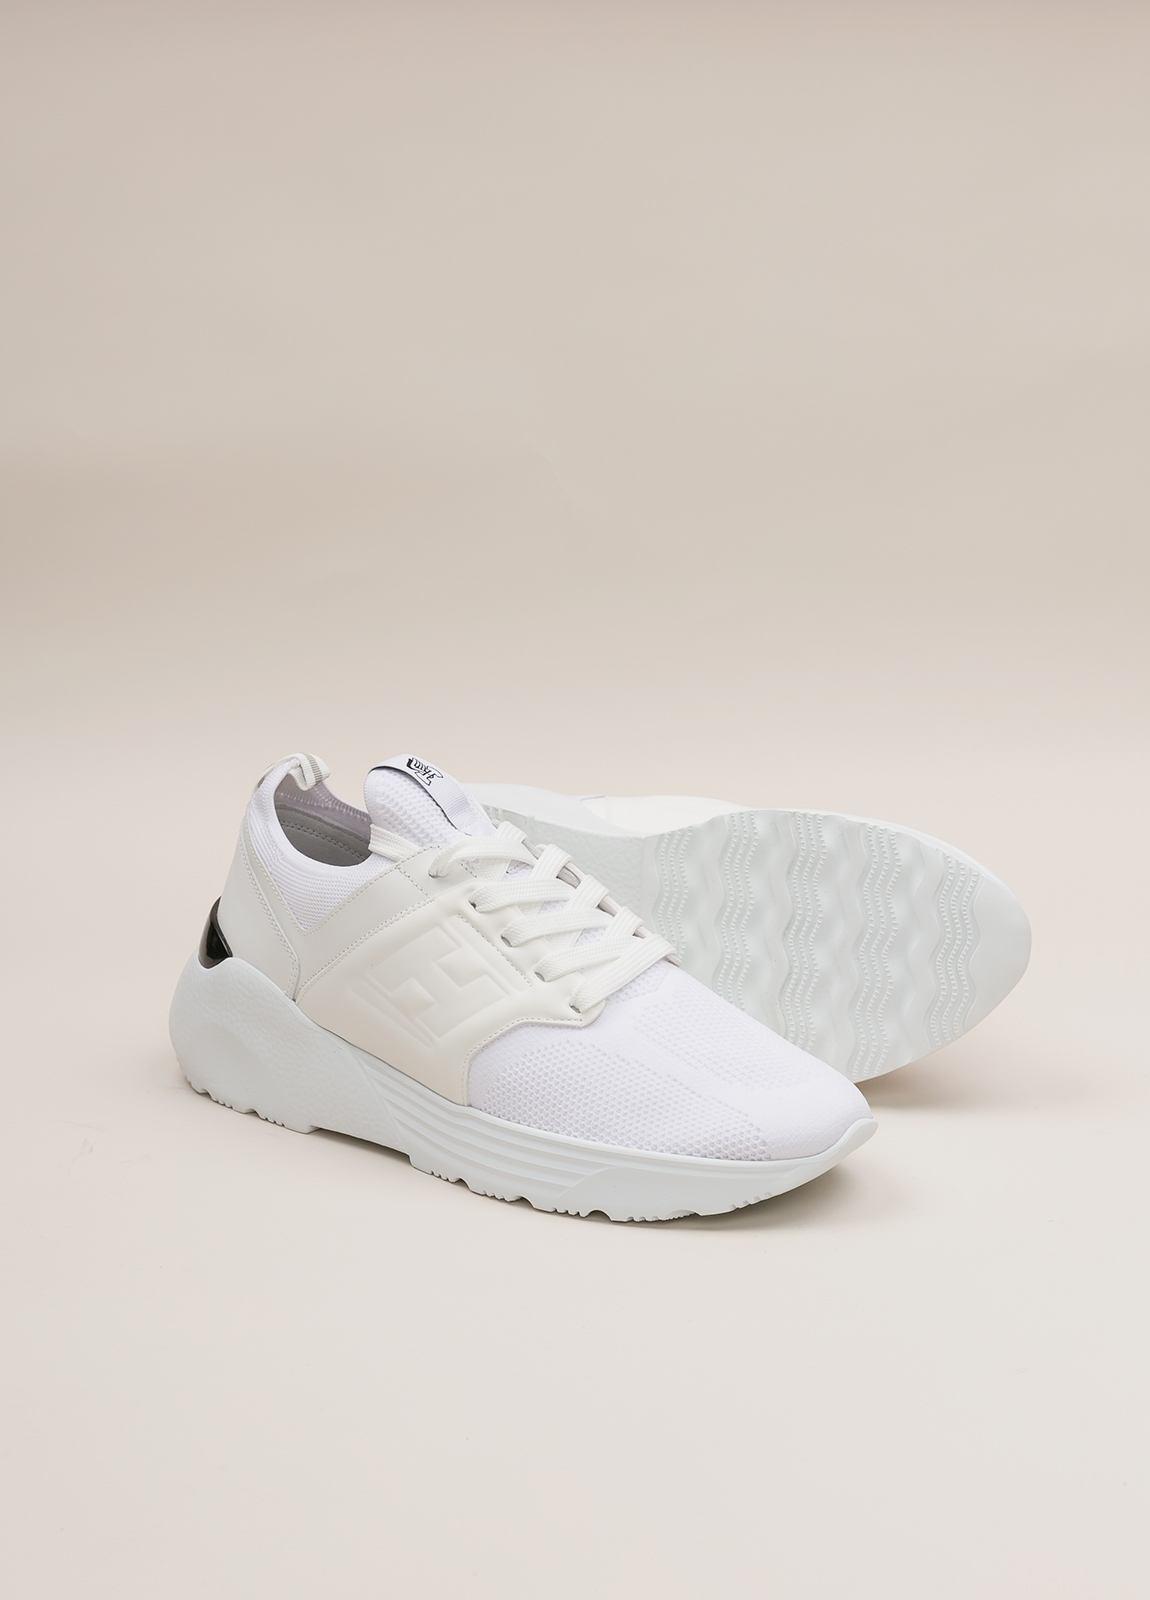 Zapatillas deportivas HOGAN blanco - Ítem3